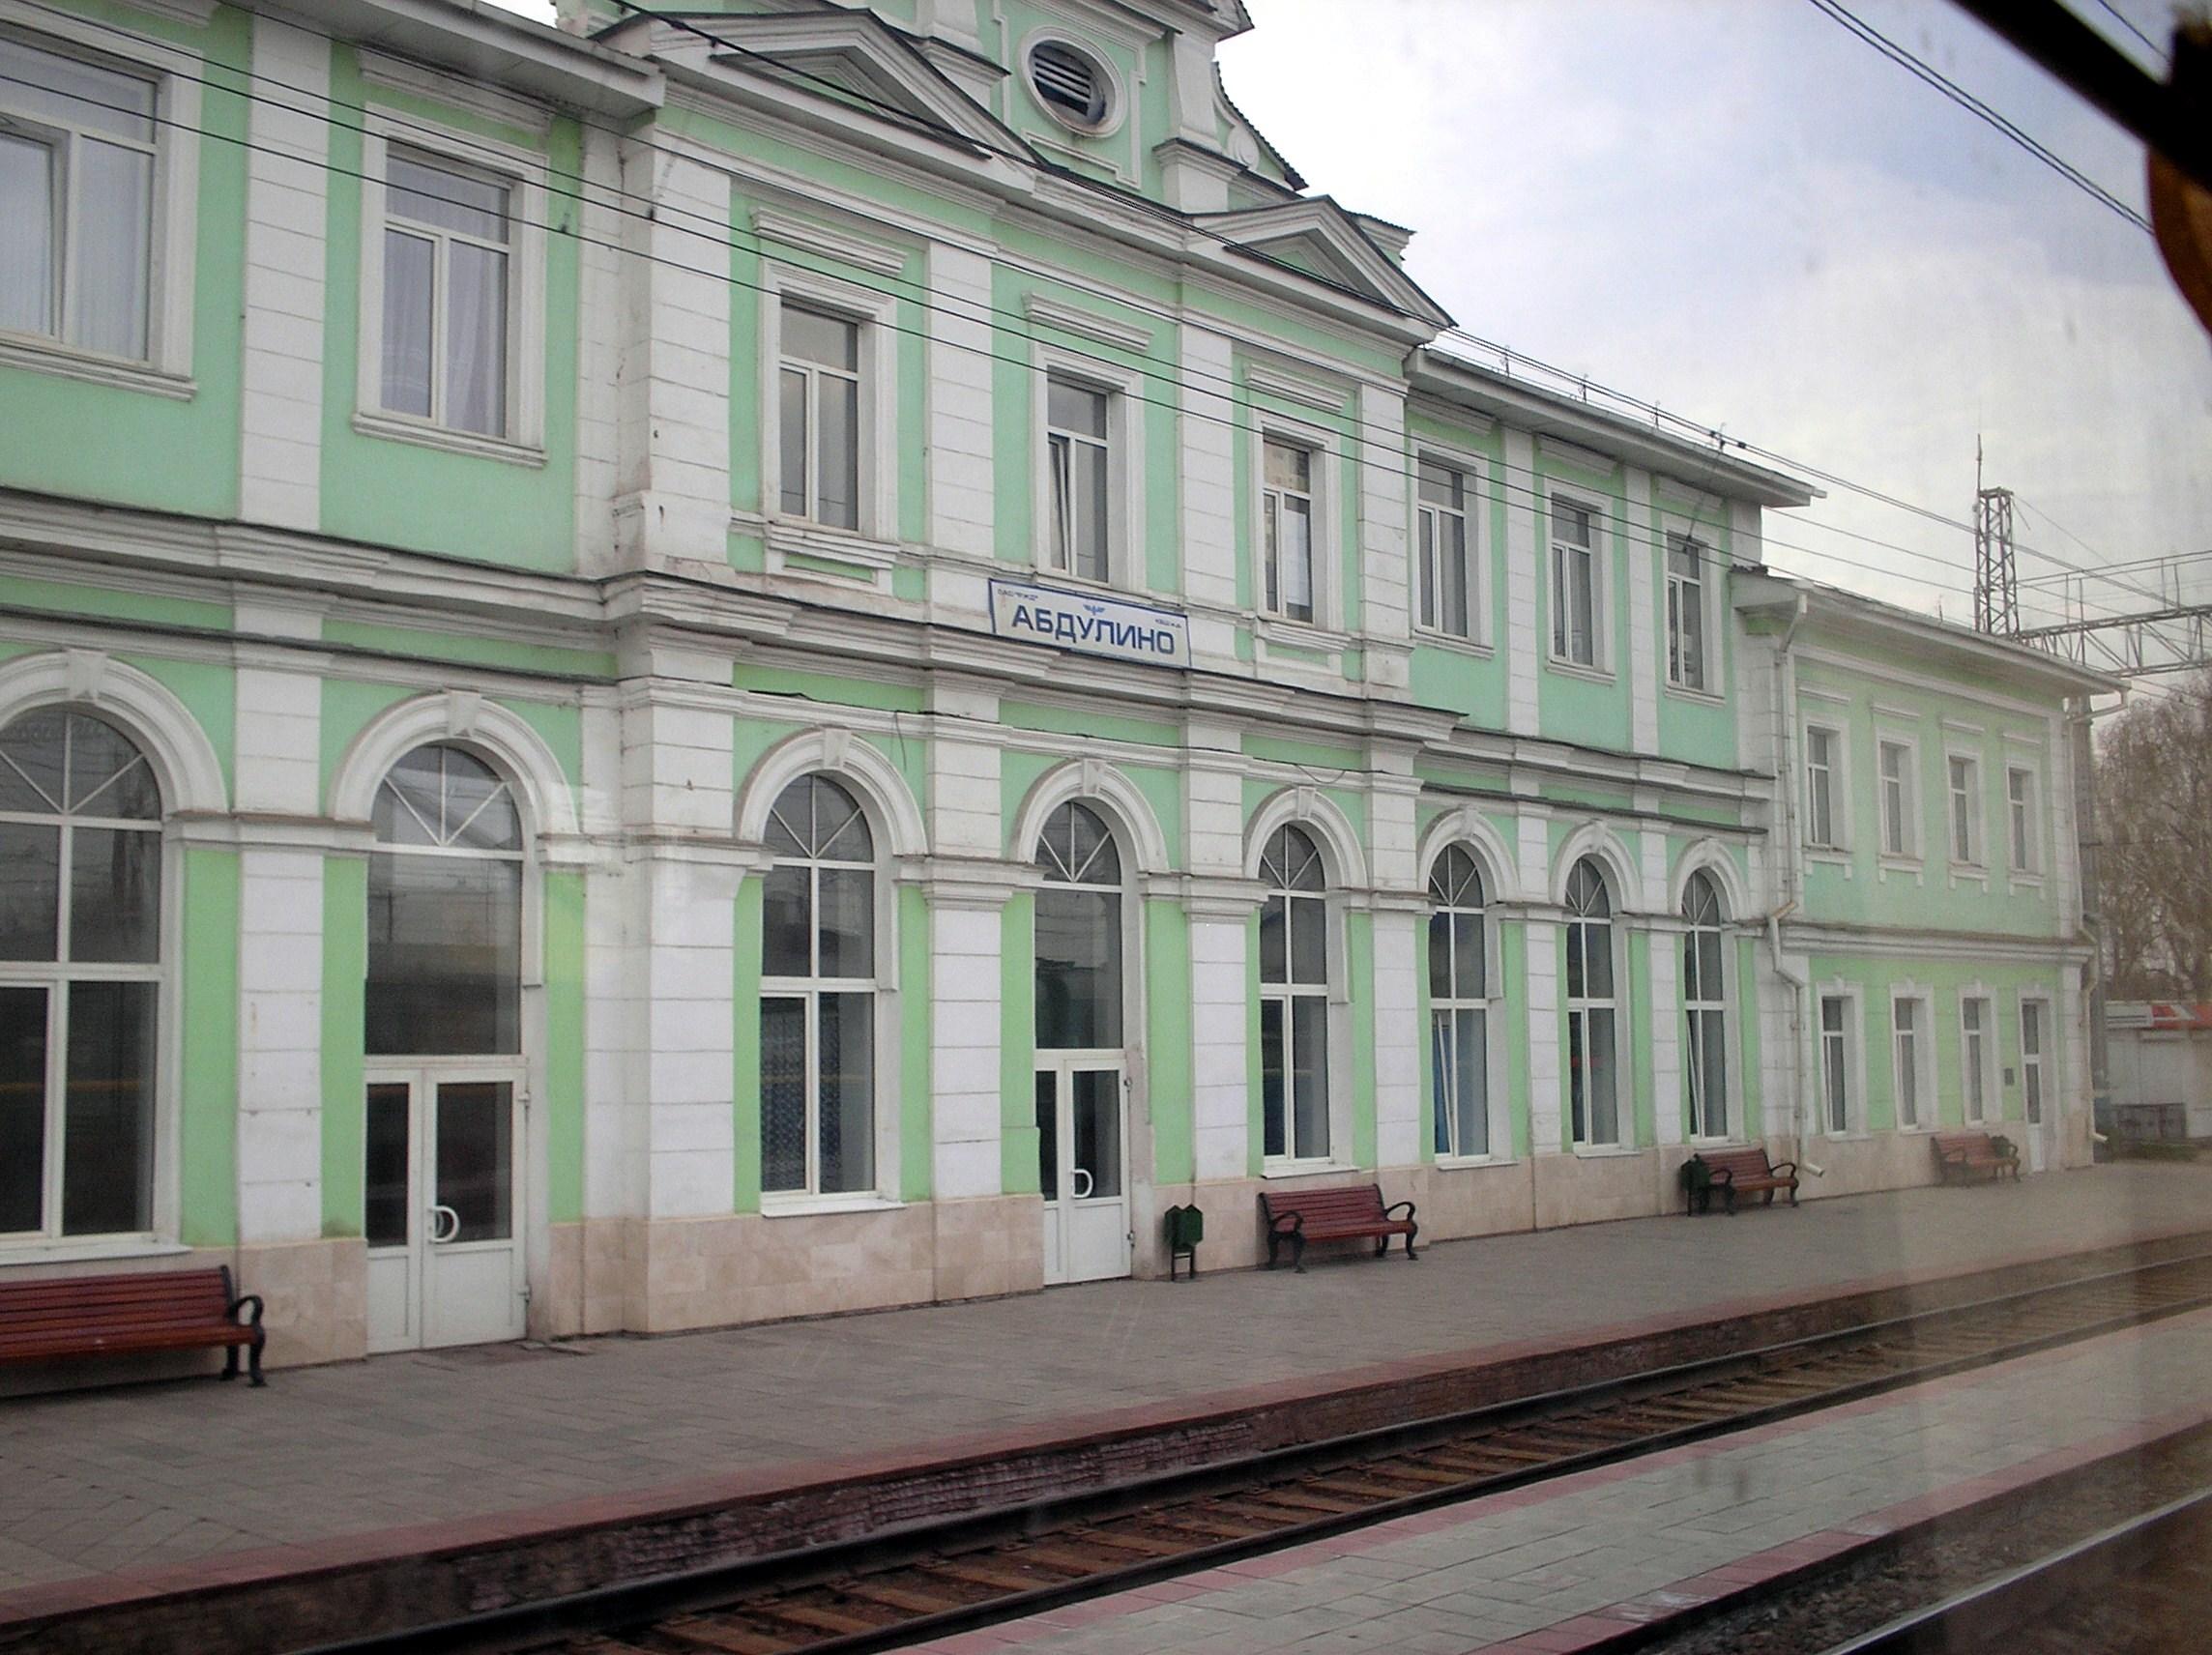 знакомства город абдулино оренбургской области